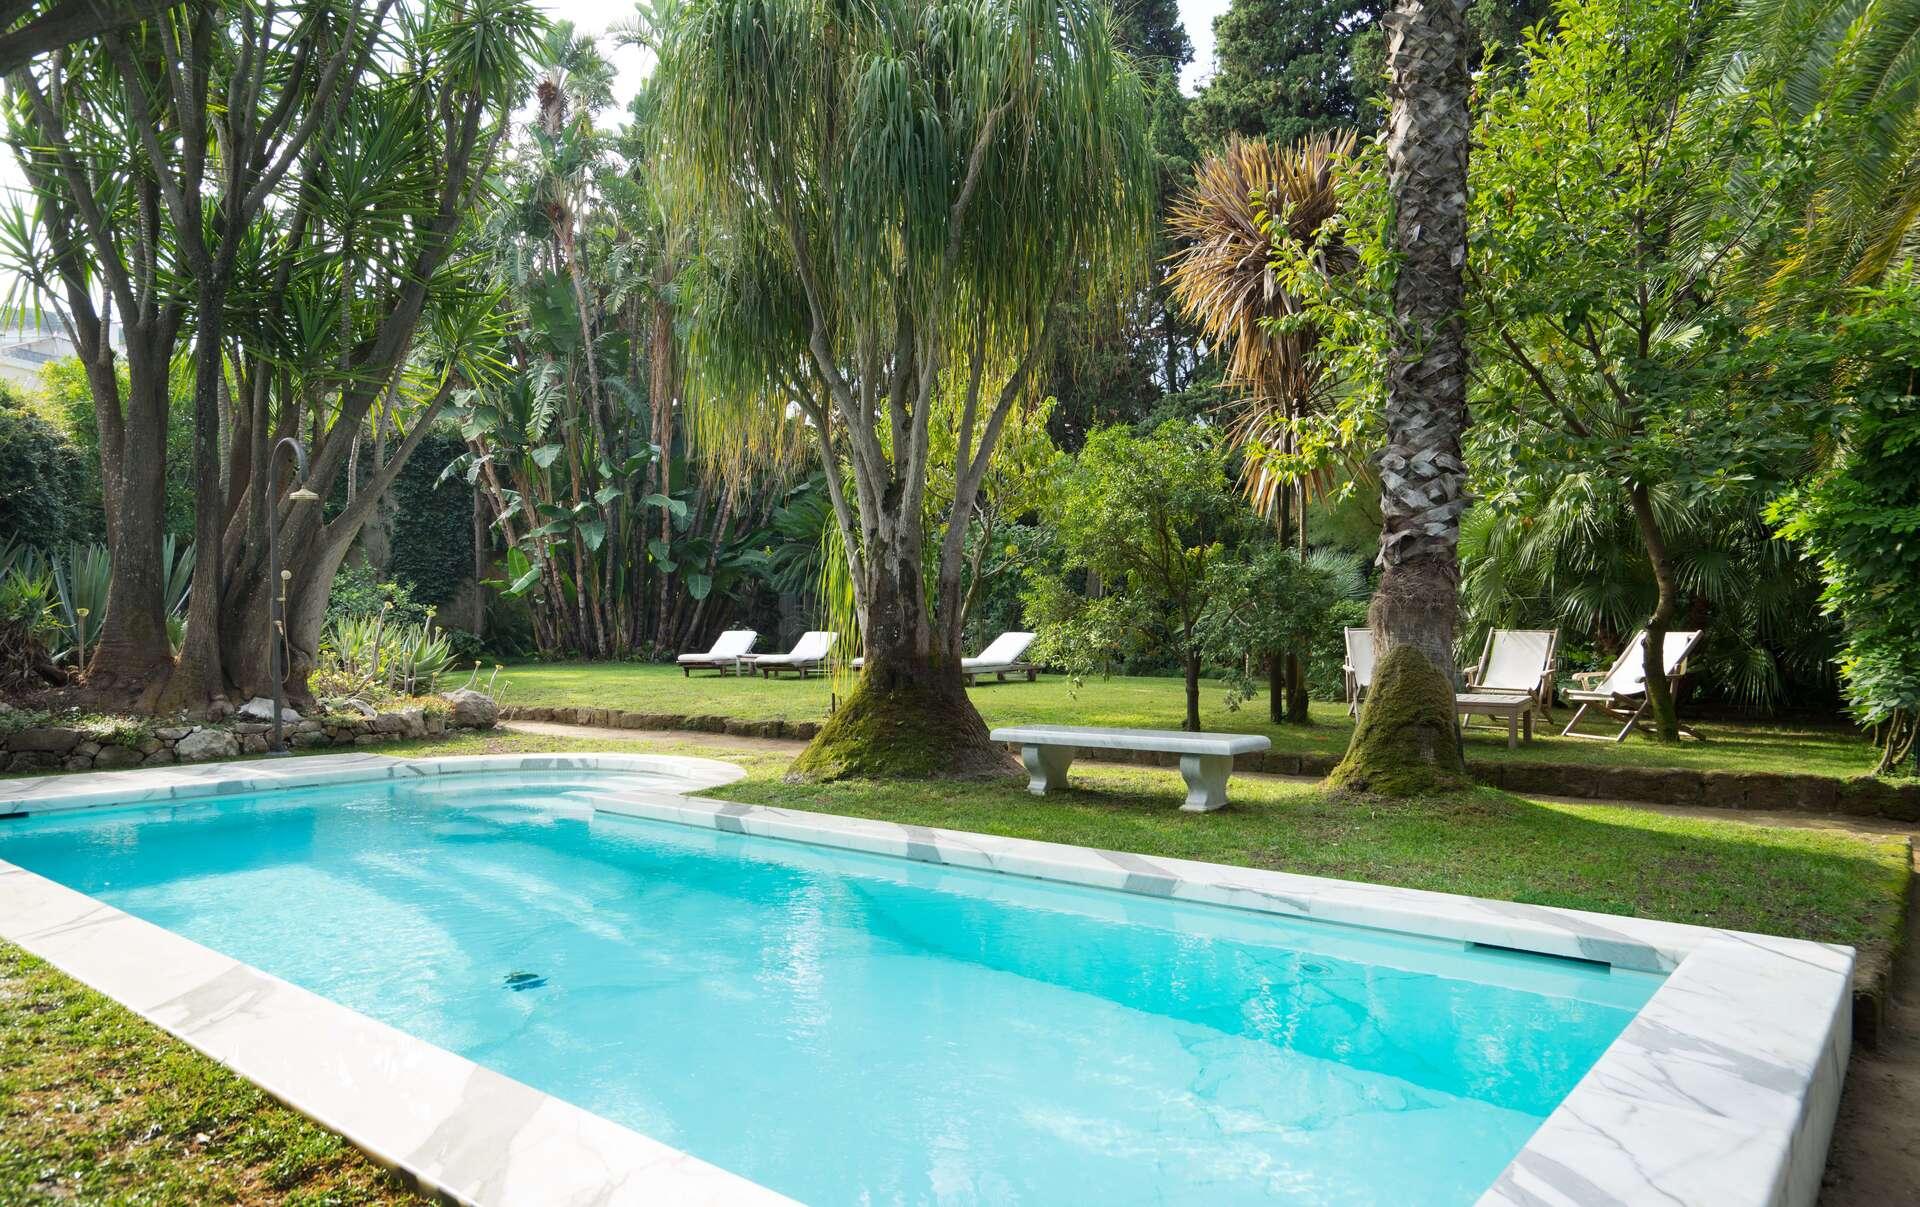 Luxury vacation rentals europe - Italy - Amalfi coast - Sorren to - Syrene - Image 1/34